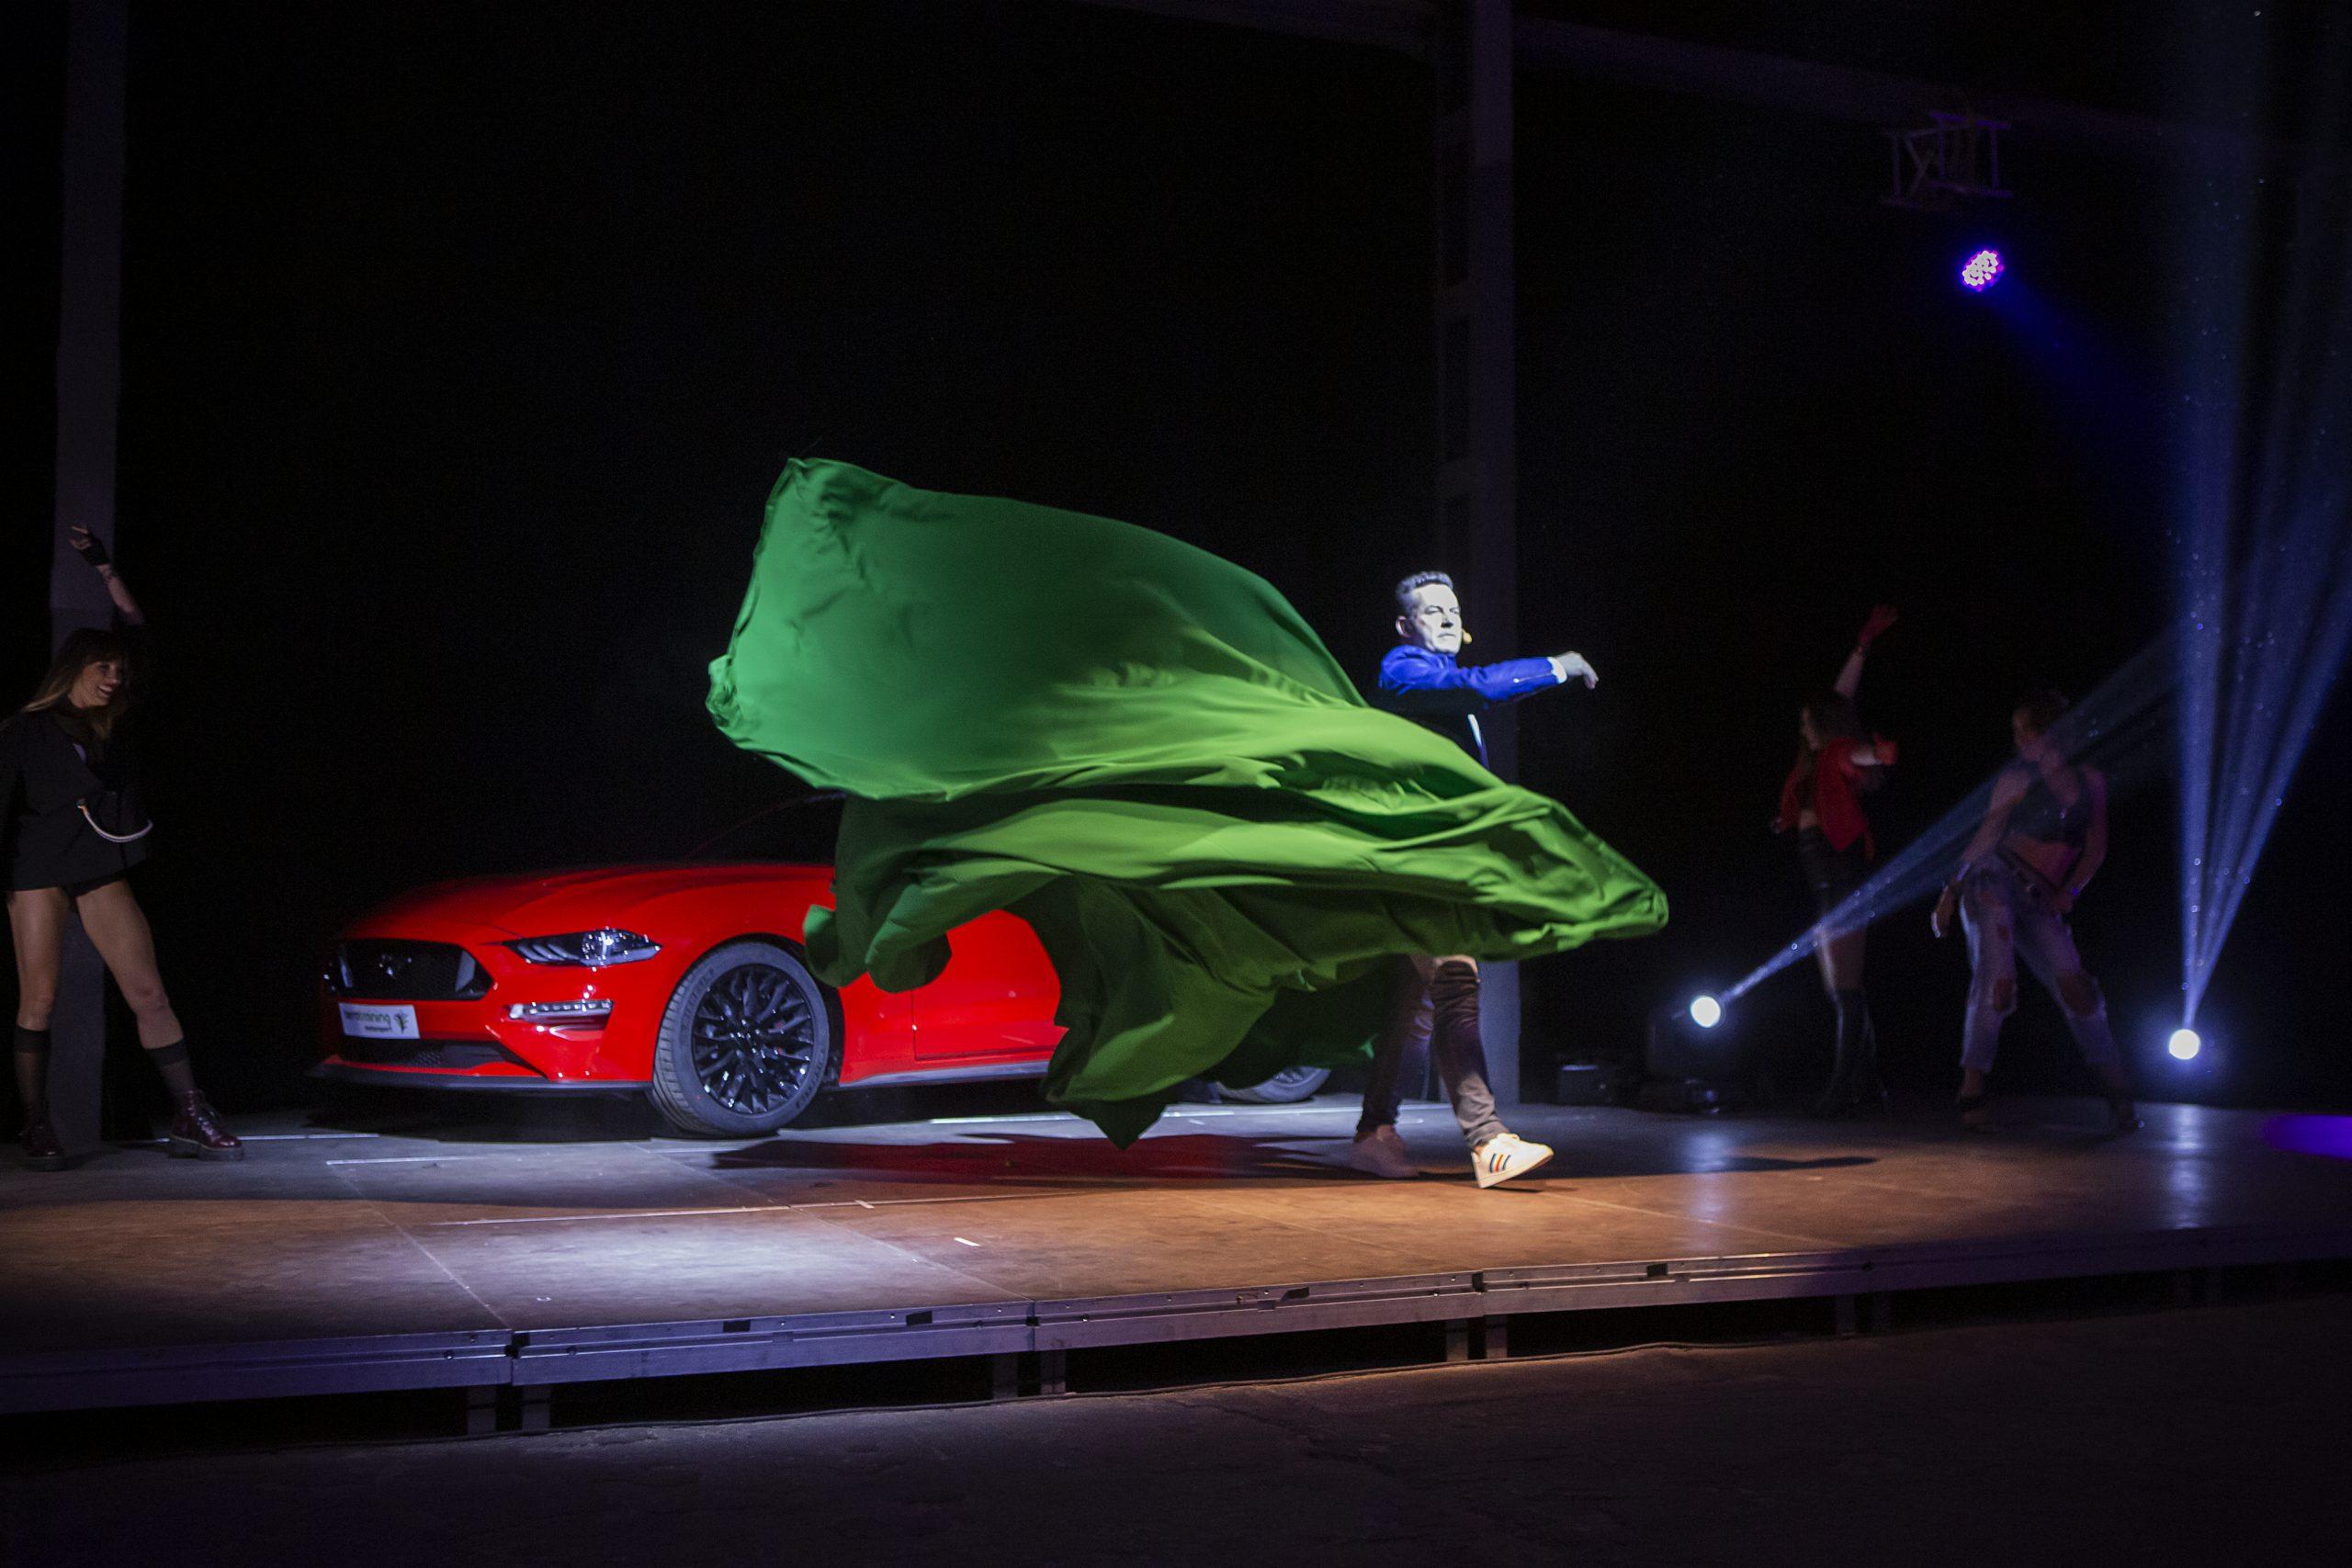 evento aparicion coche 2